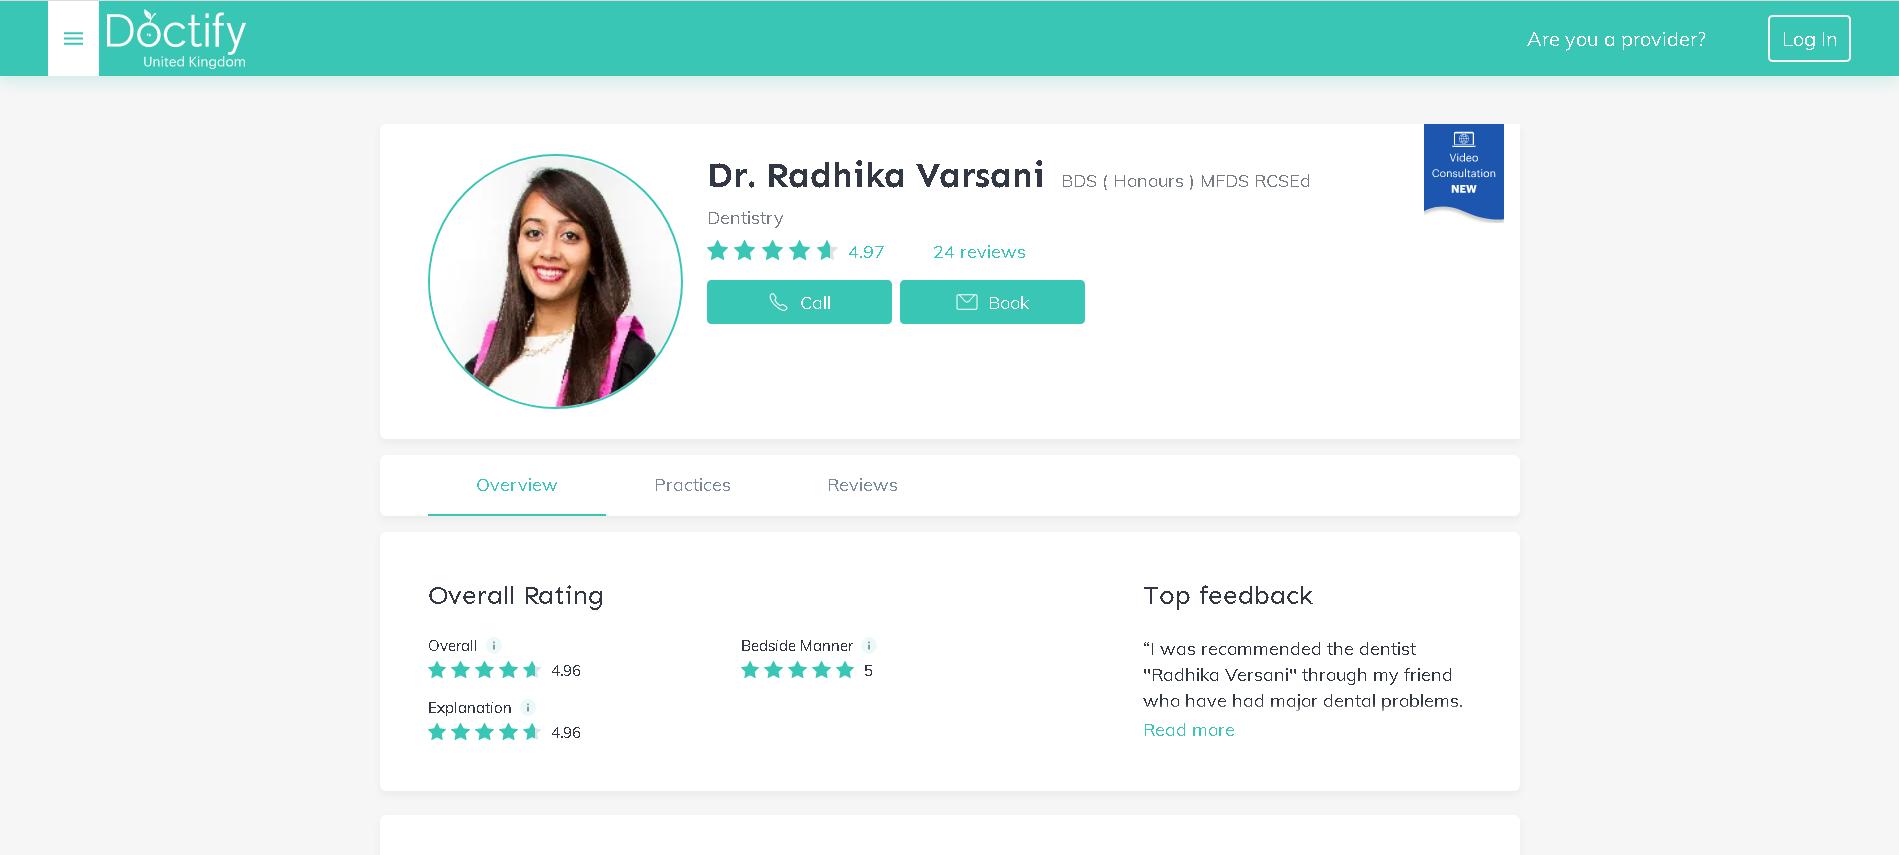 Dr. Radhika Varsani